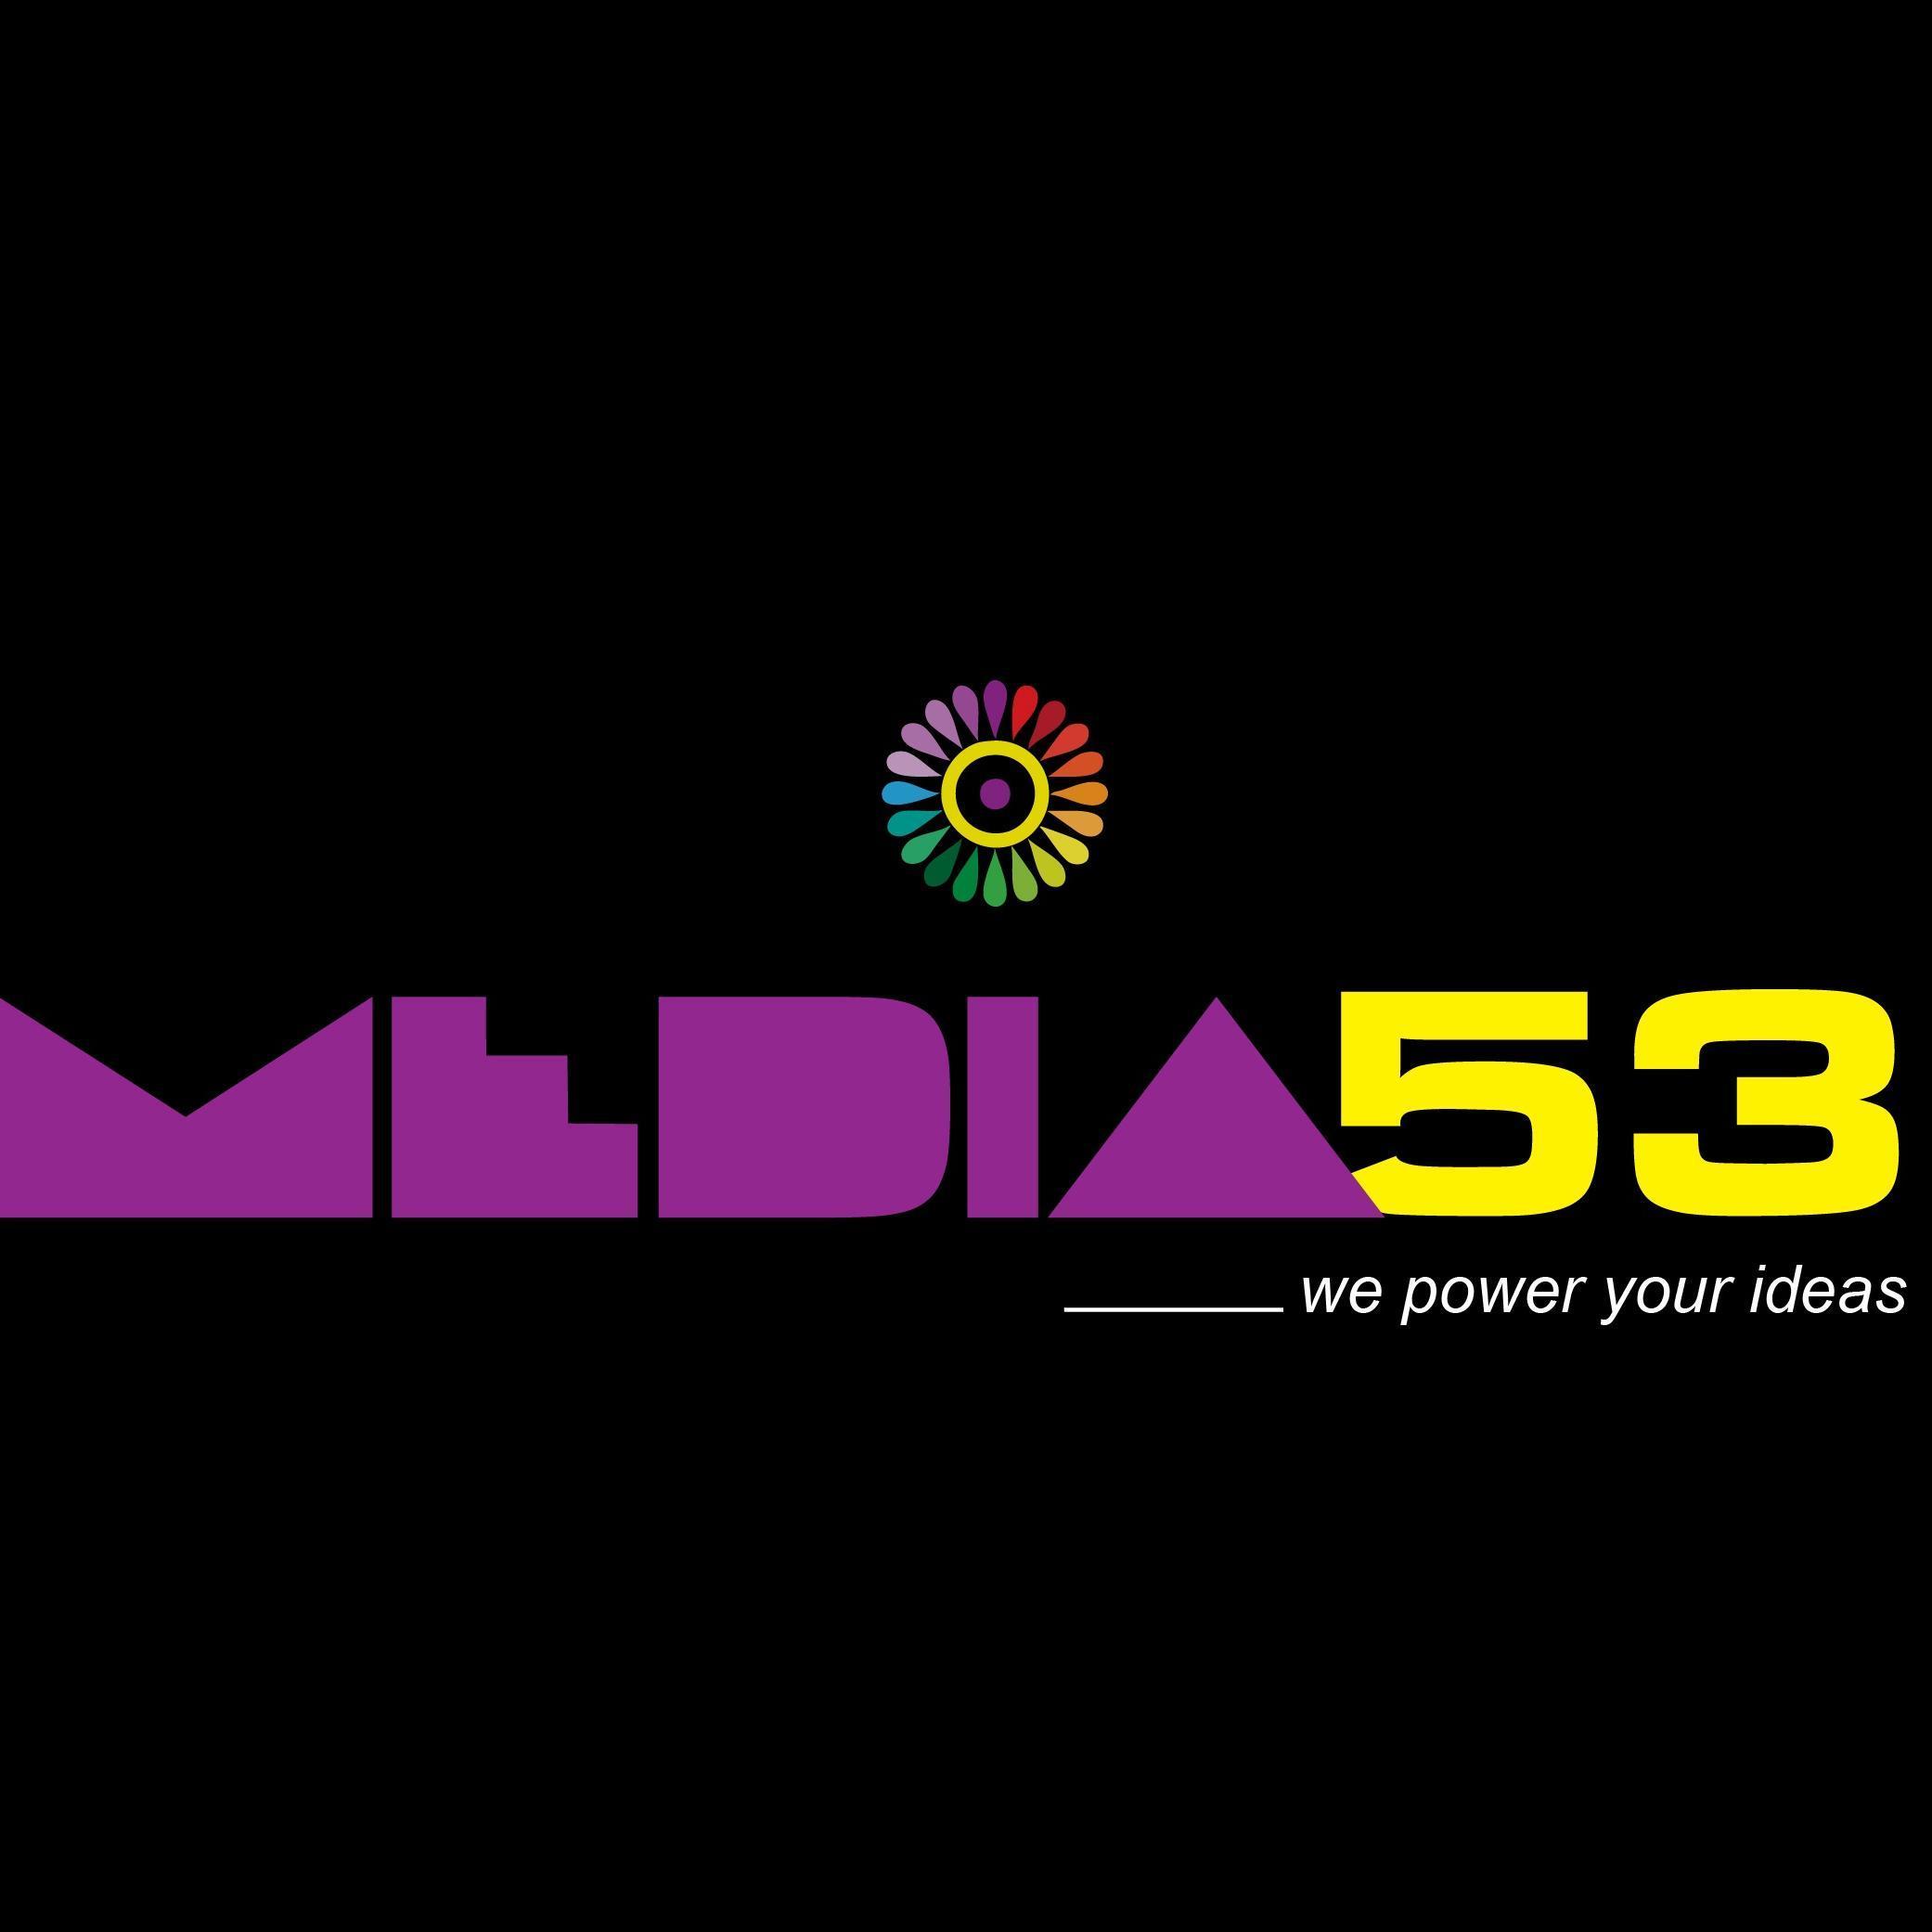 Media53gh